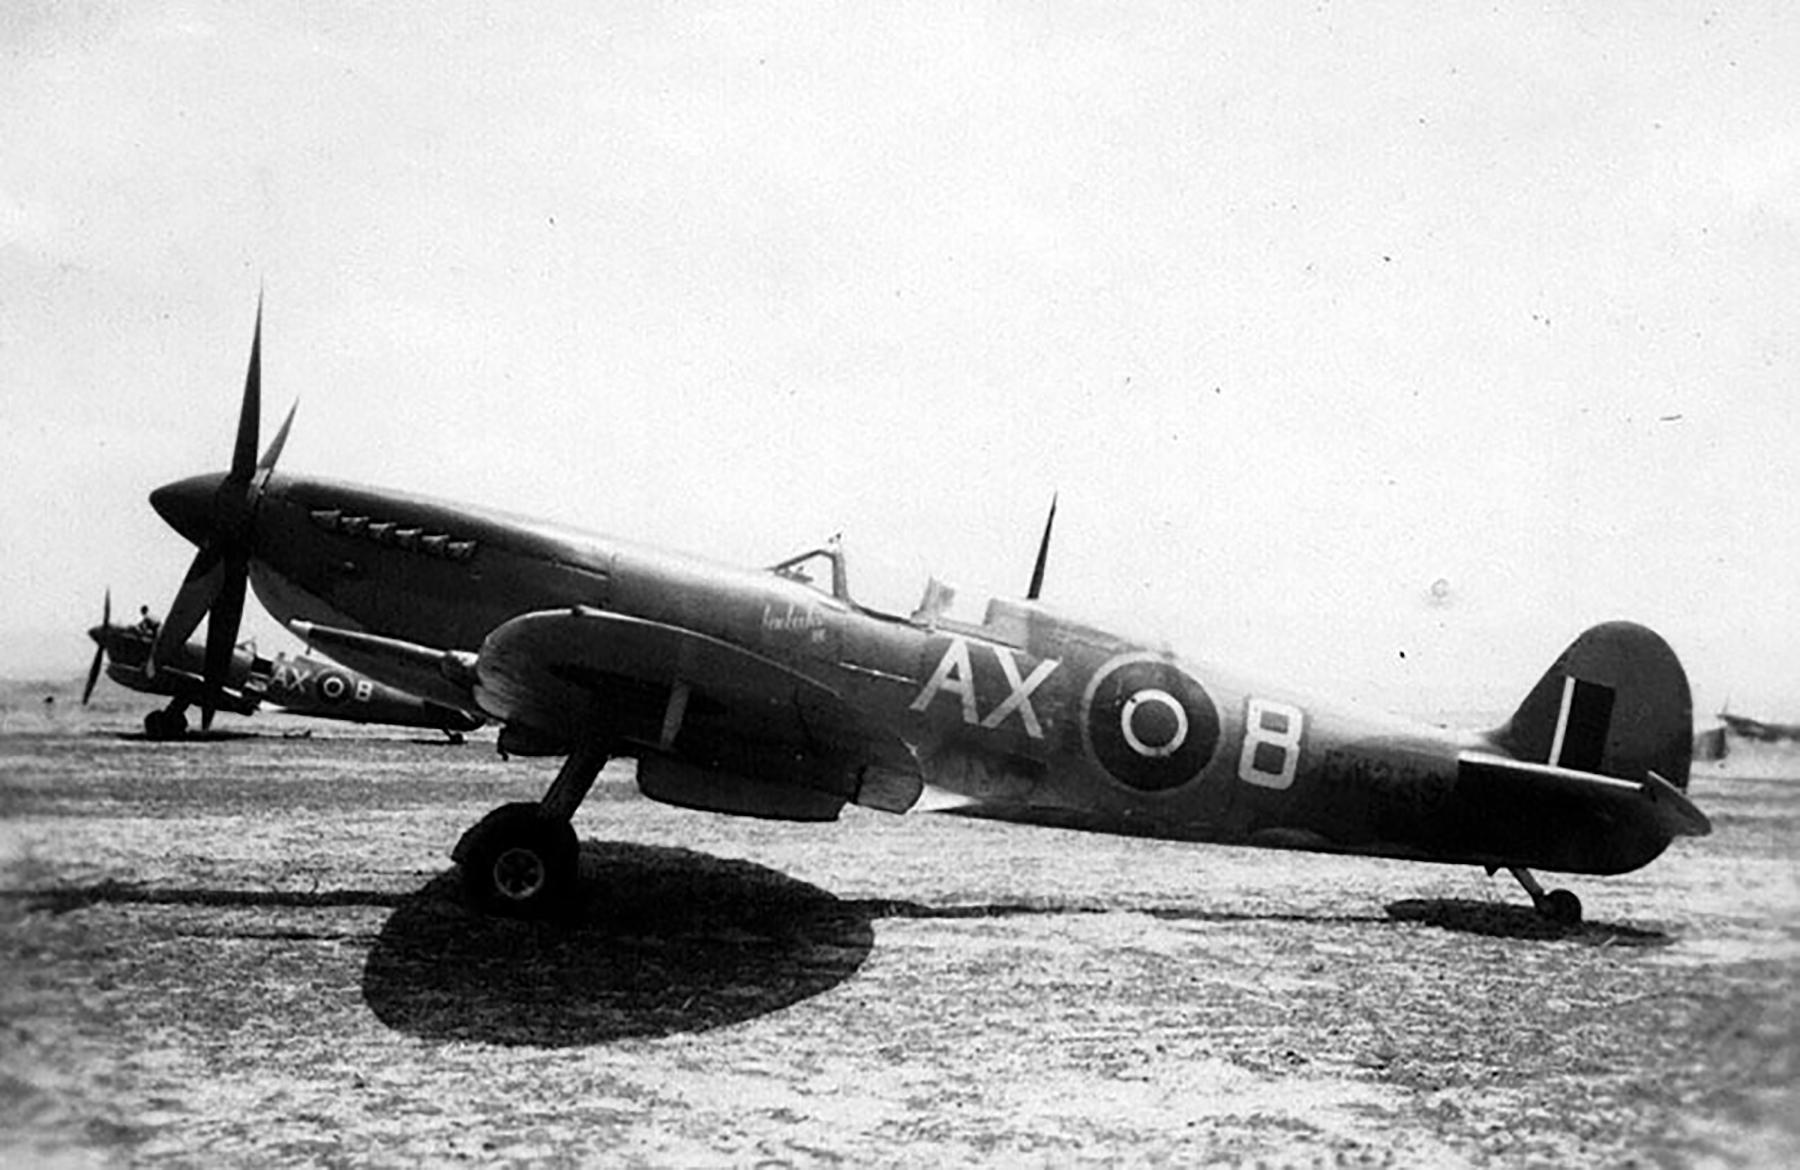 Spitfire MkIX SAAF 1Sqn AX8 Robbie Robinson EN286 Luqa Malta Jun 1943 01